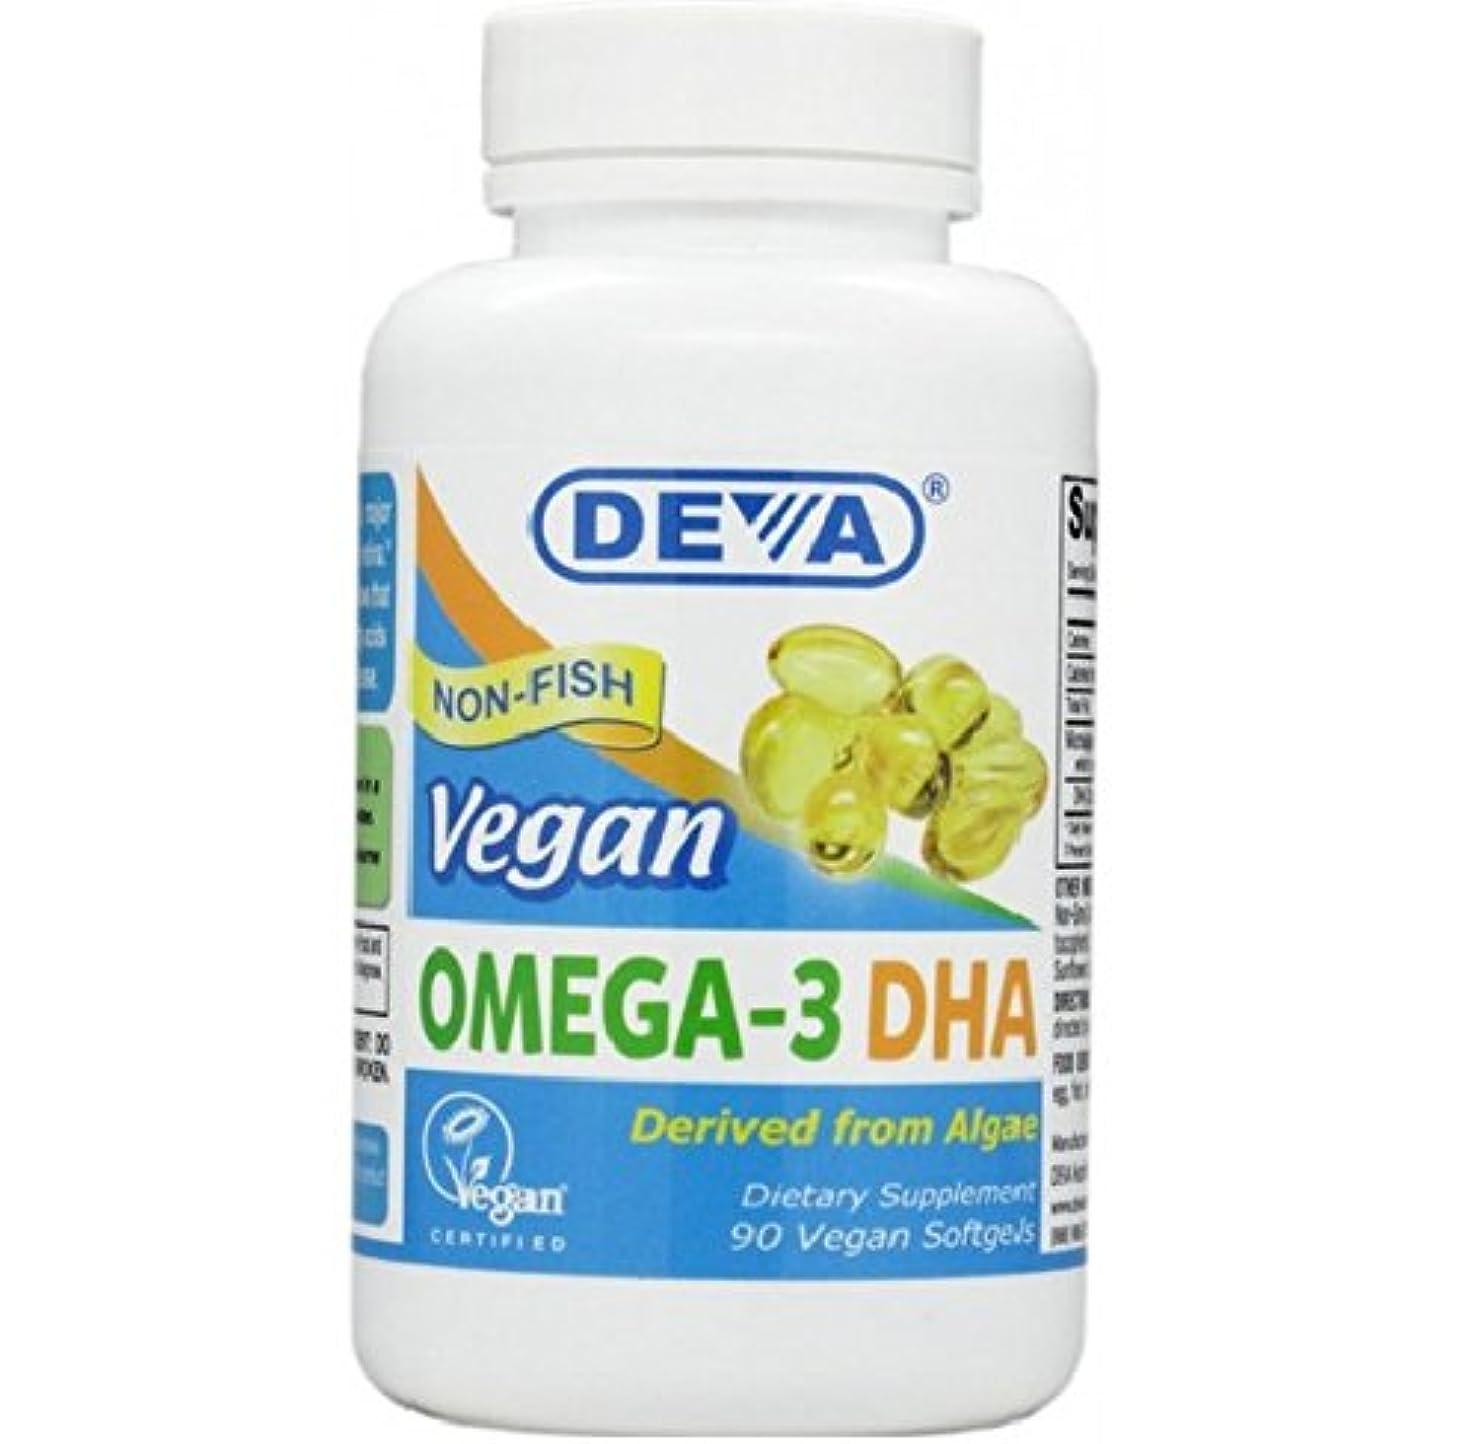 ハンサム維持するビン海外直送肘 Omega-3 DHA, 90 SGEL